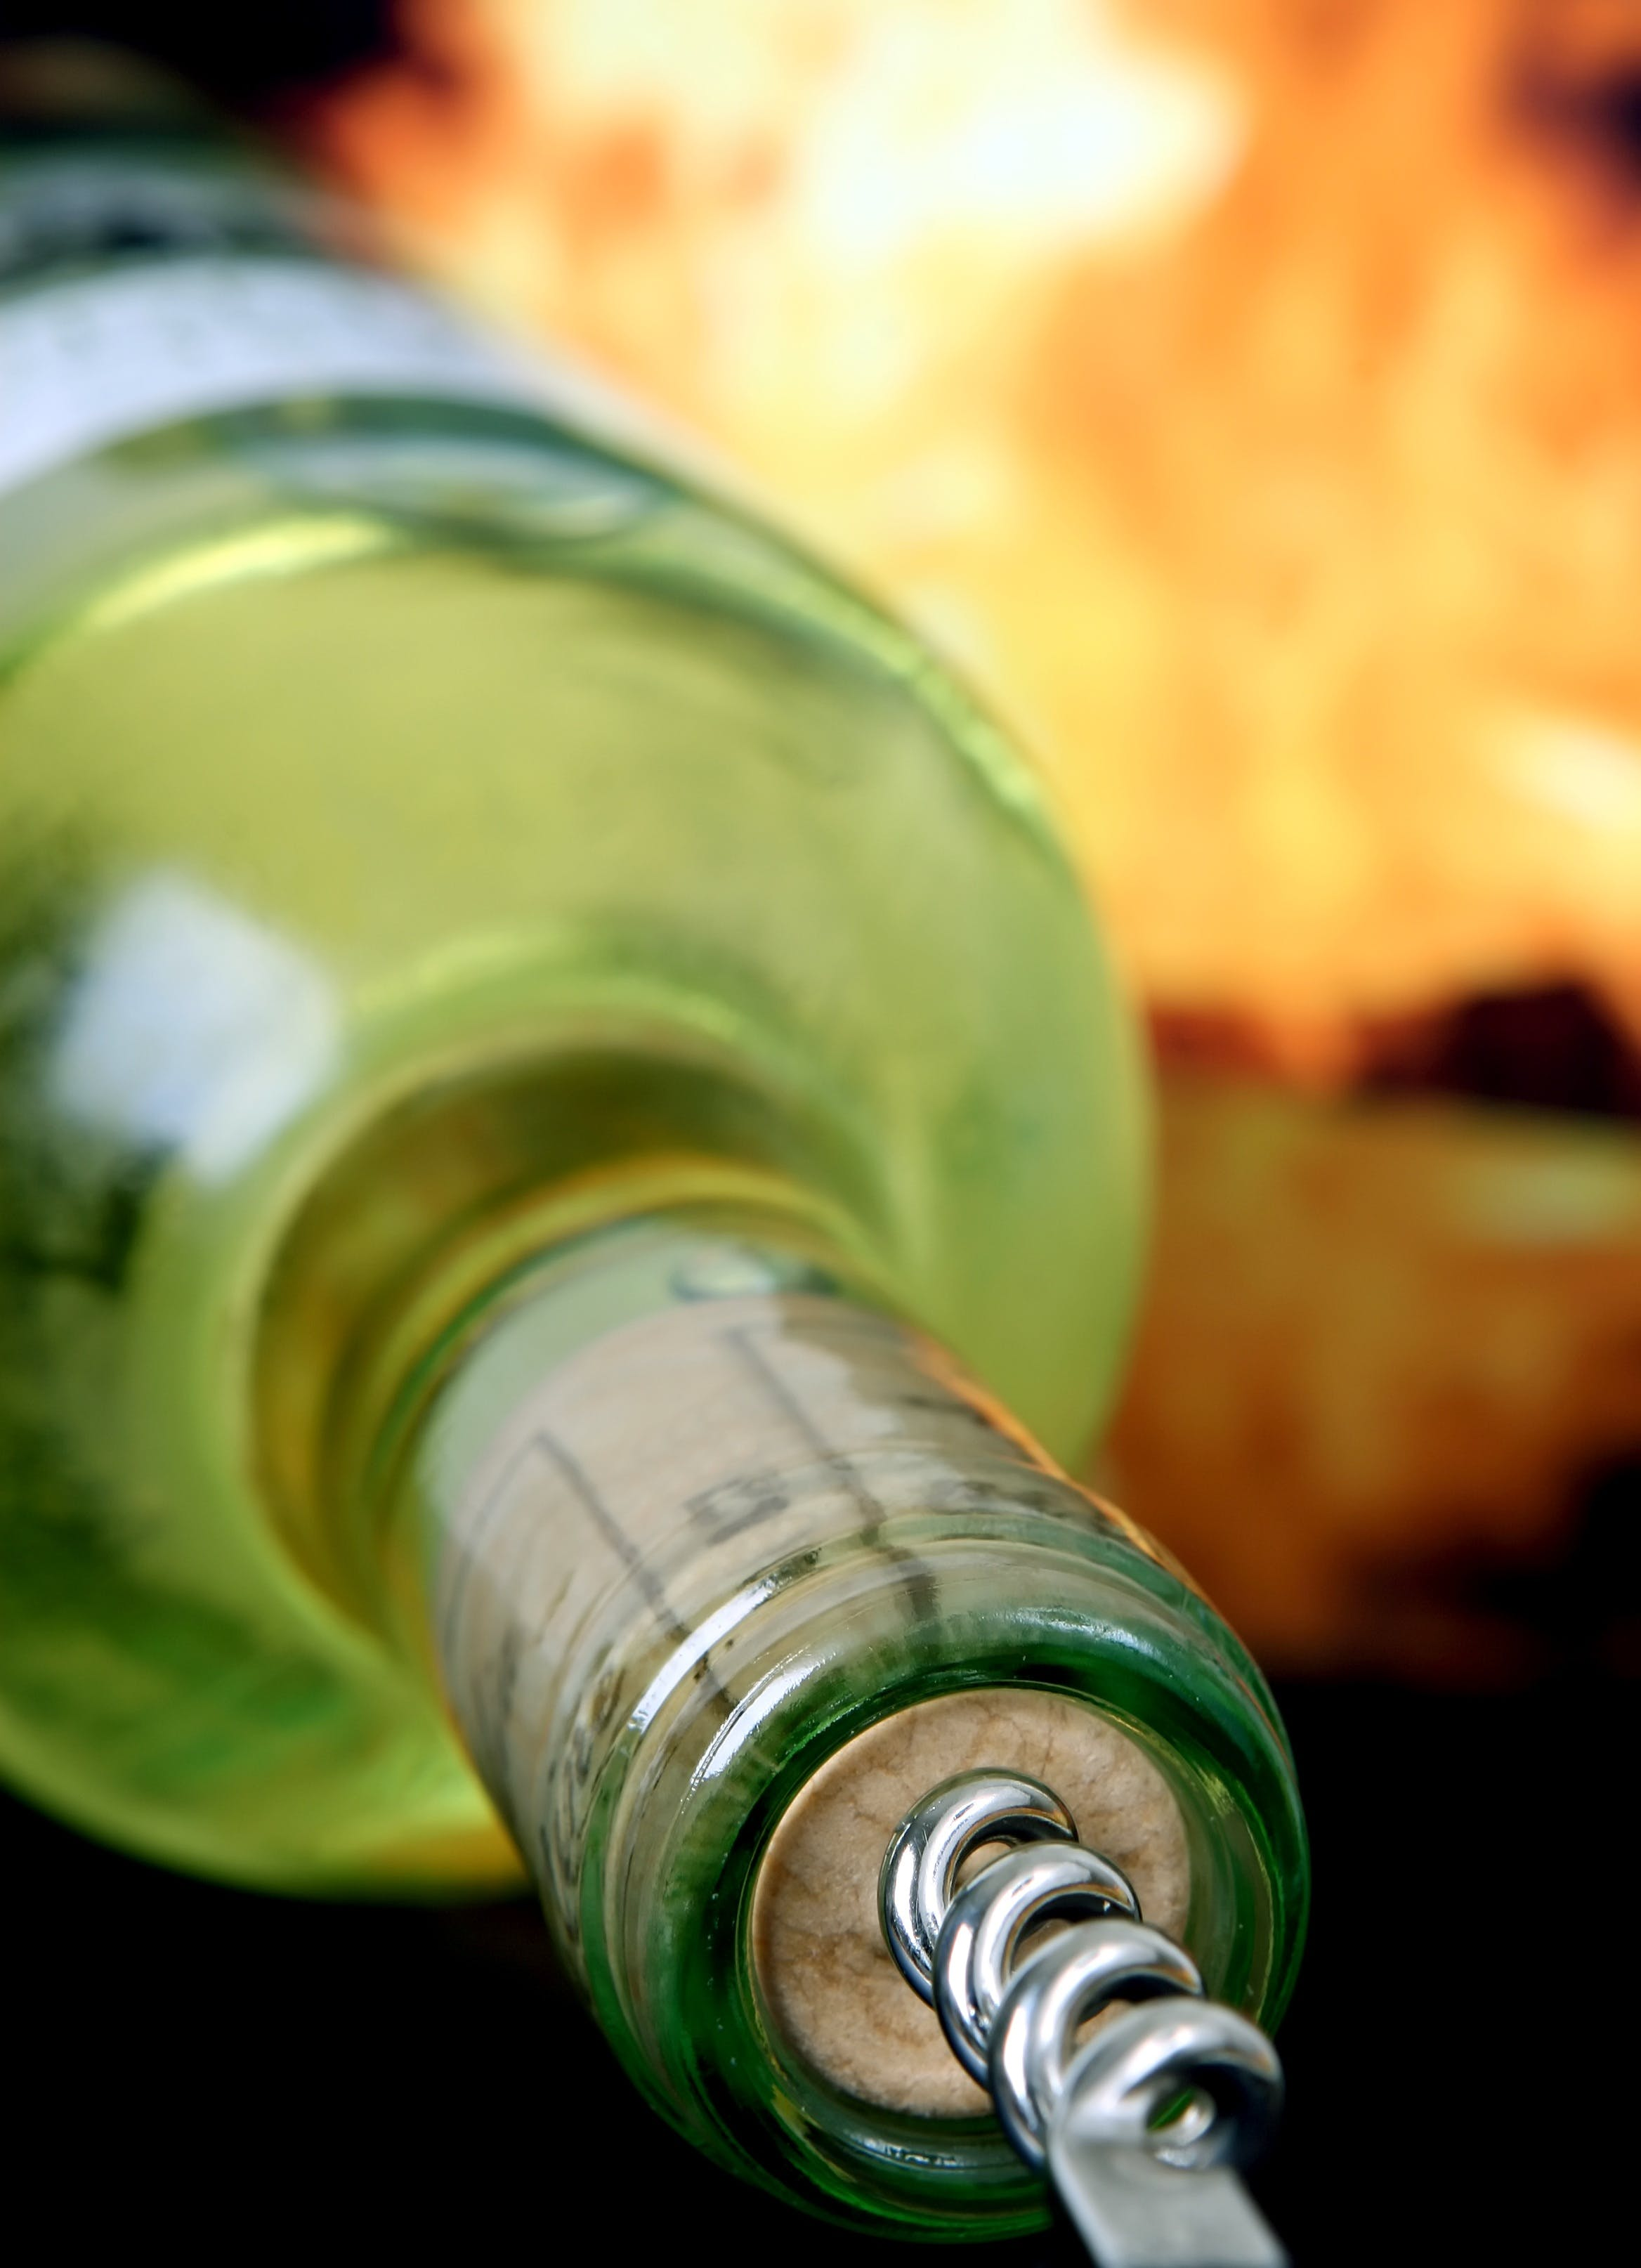 Základová fotografie zdarma na téma alkohol, detailní záběr, koktejl, kov